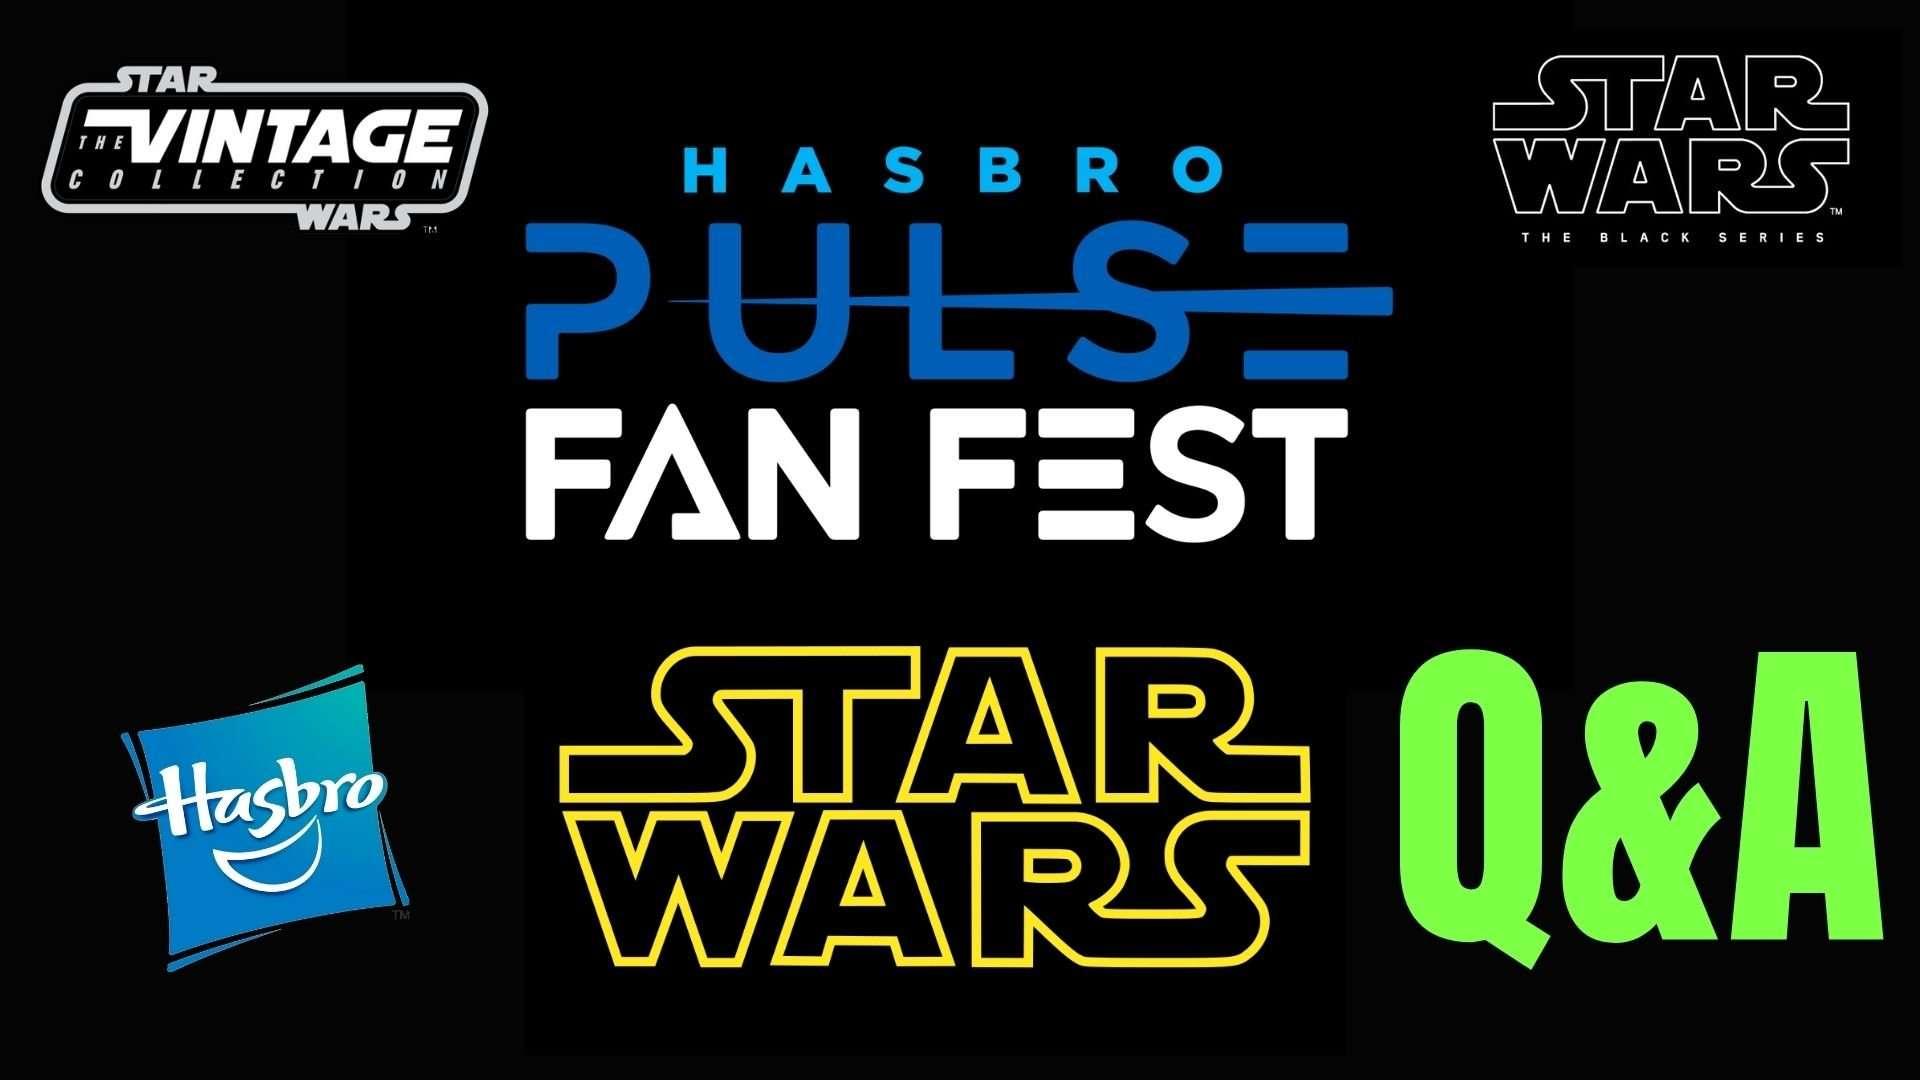 Hasbro Star Wars Brand Team Q&A April 2021